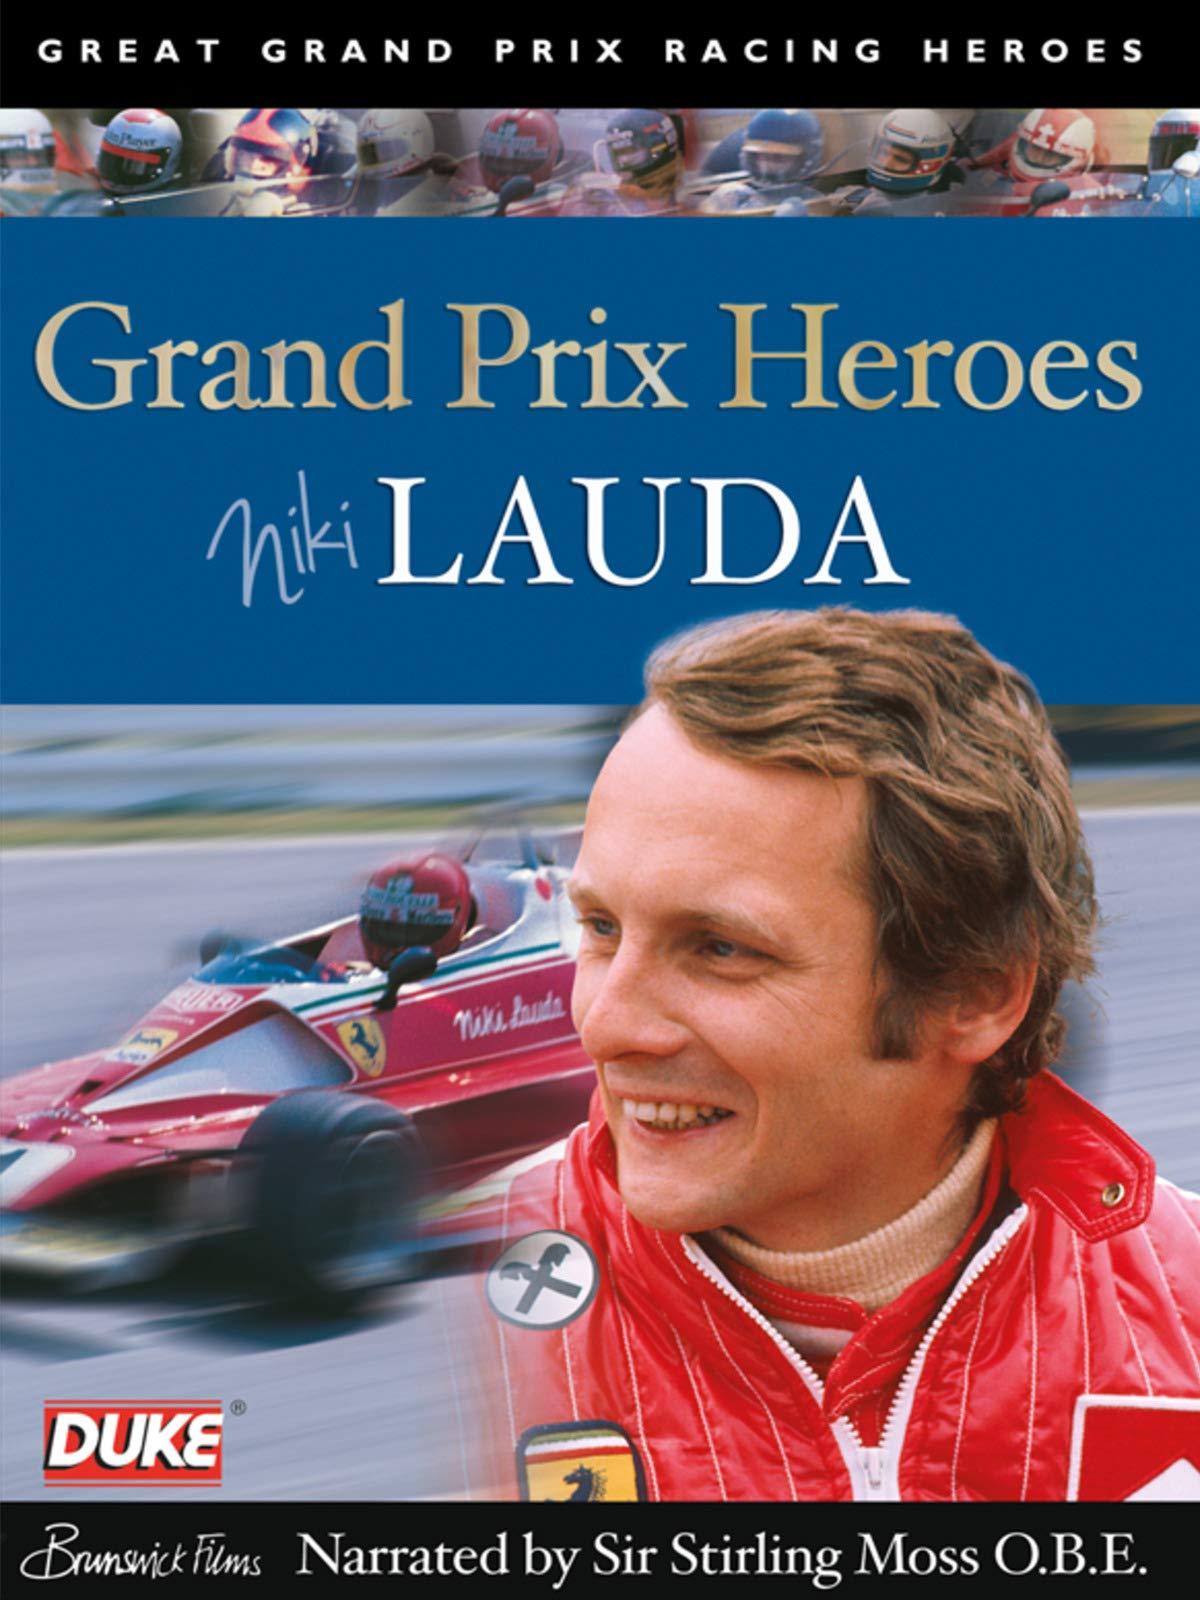 Niki Lauda Grand Prix Hero on Amazon Prime Video UK